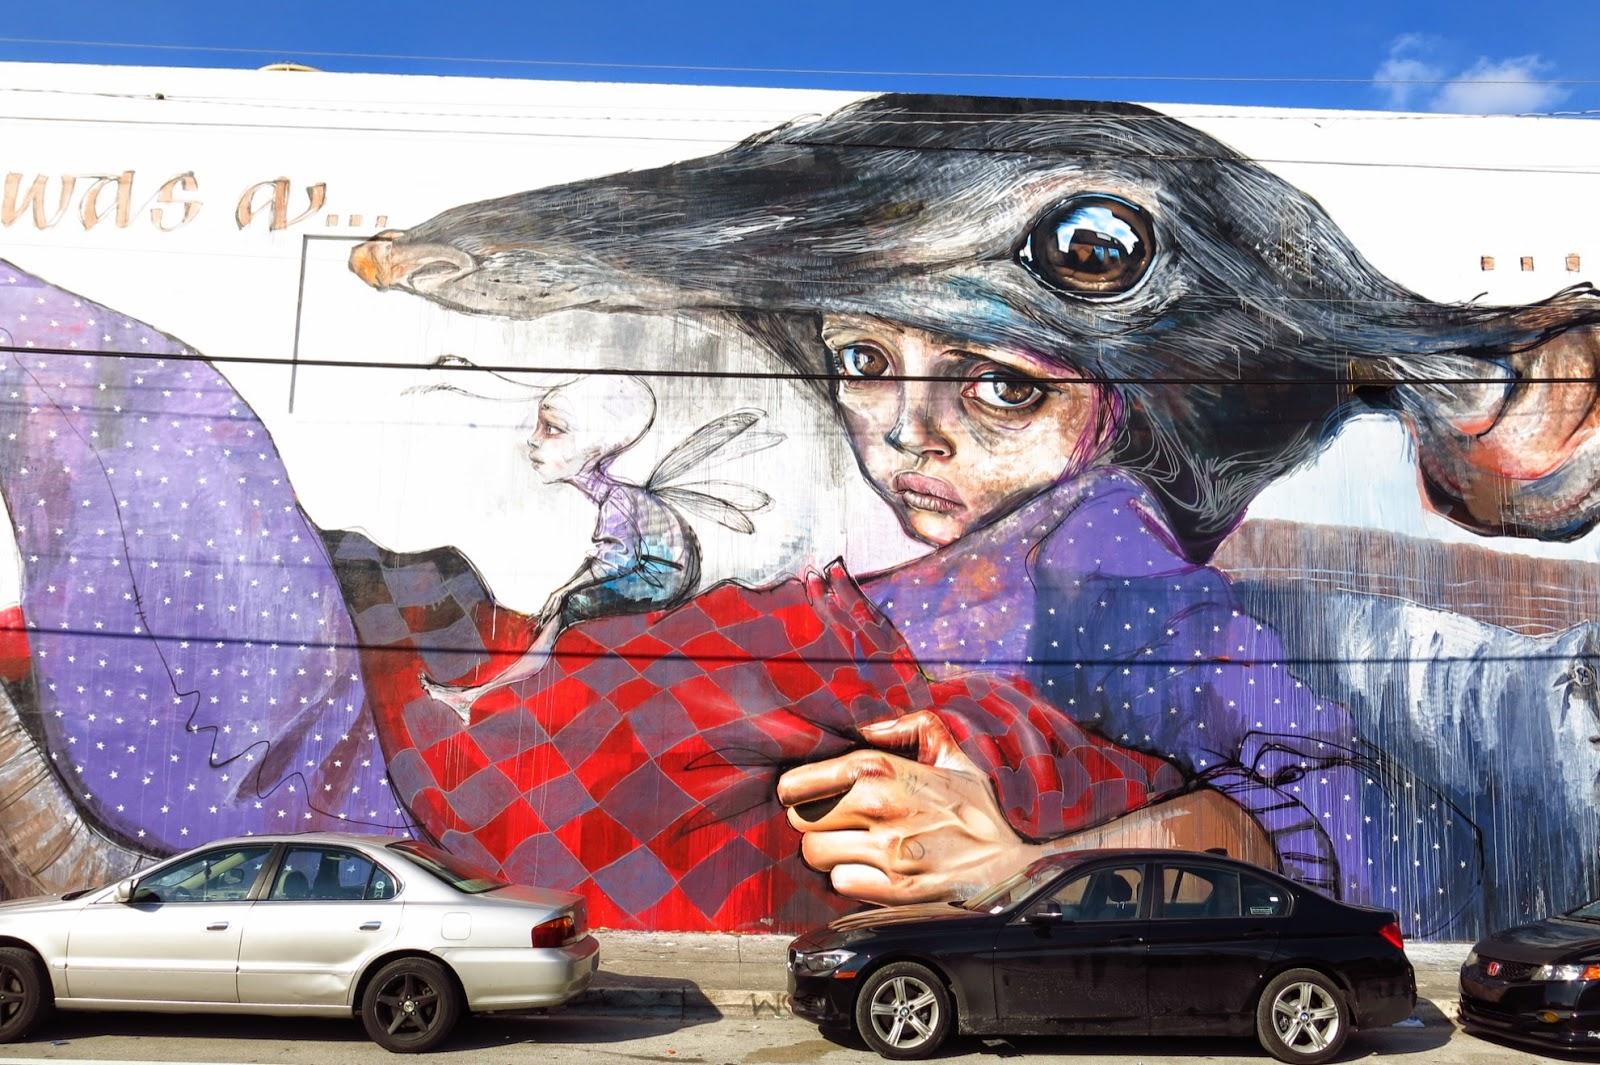 herakut-new-mural-at-art-basel-2014-02